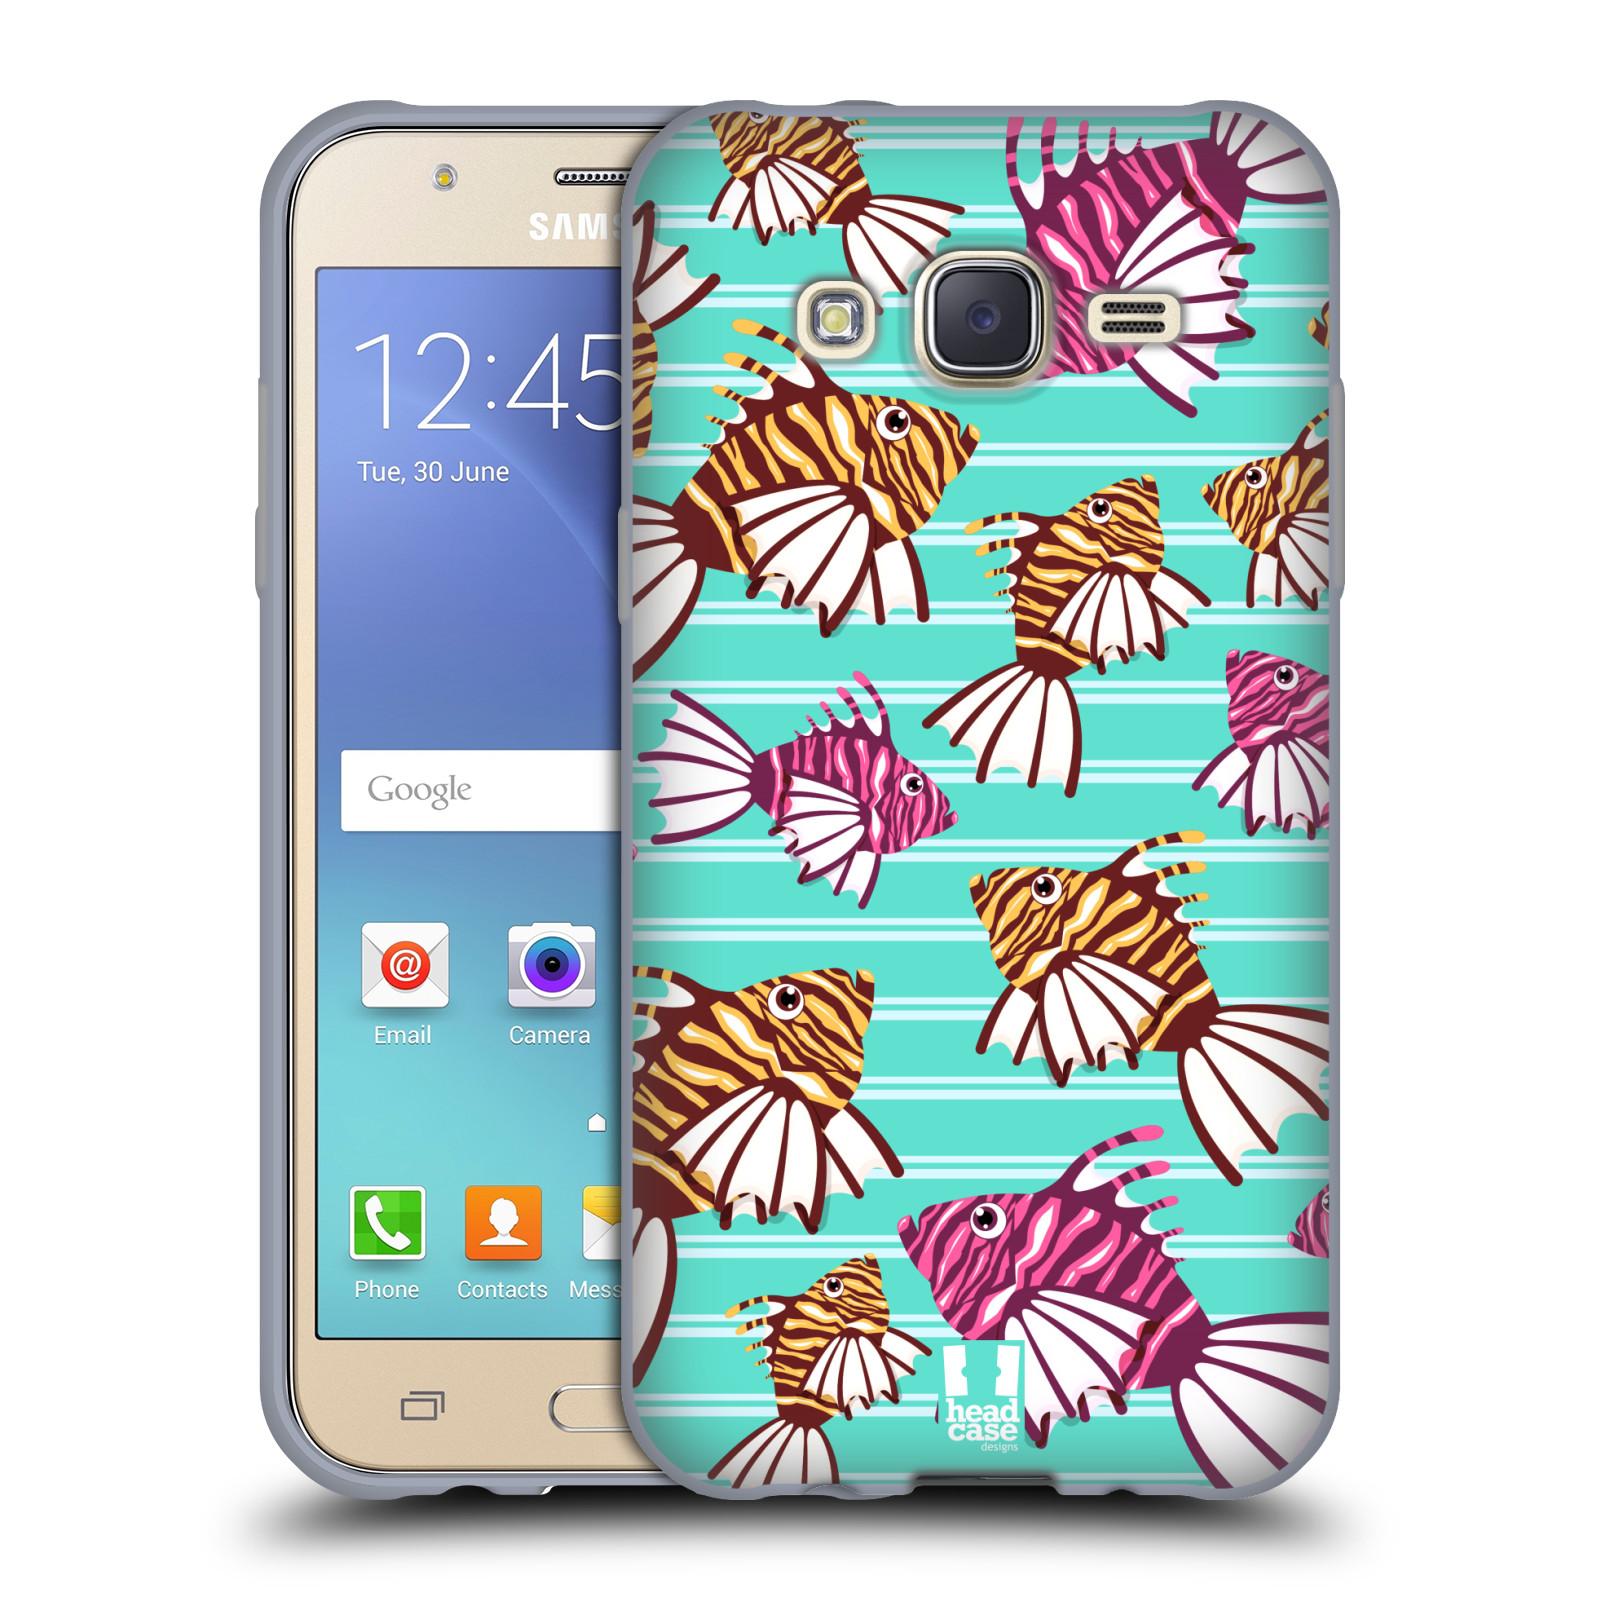 HEAD CASE silikonový obal na mobil Samsung Galaxy J5, J500, (J5 DUOS) vzor mořský živočich ryba